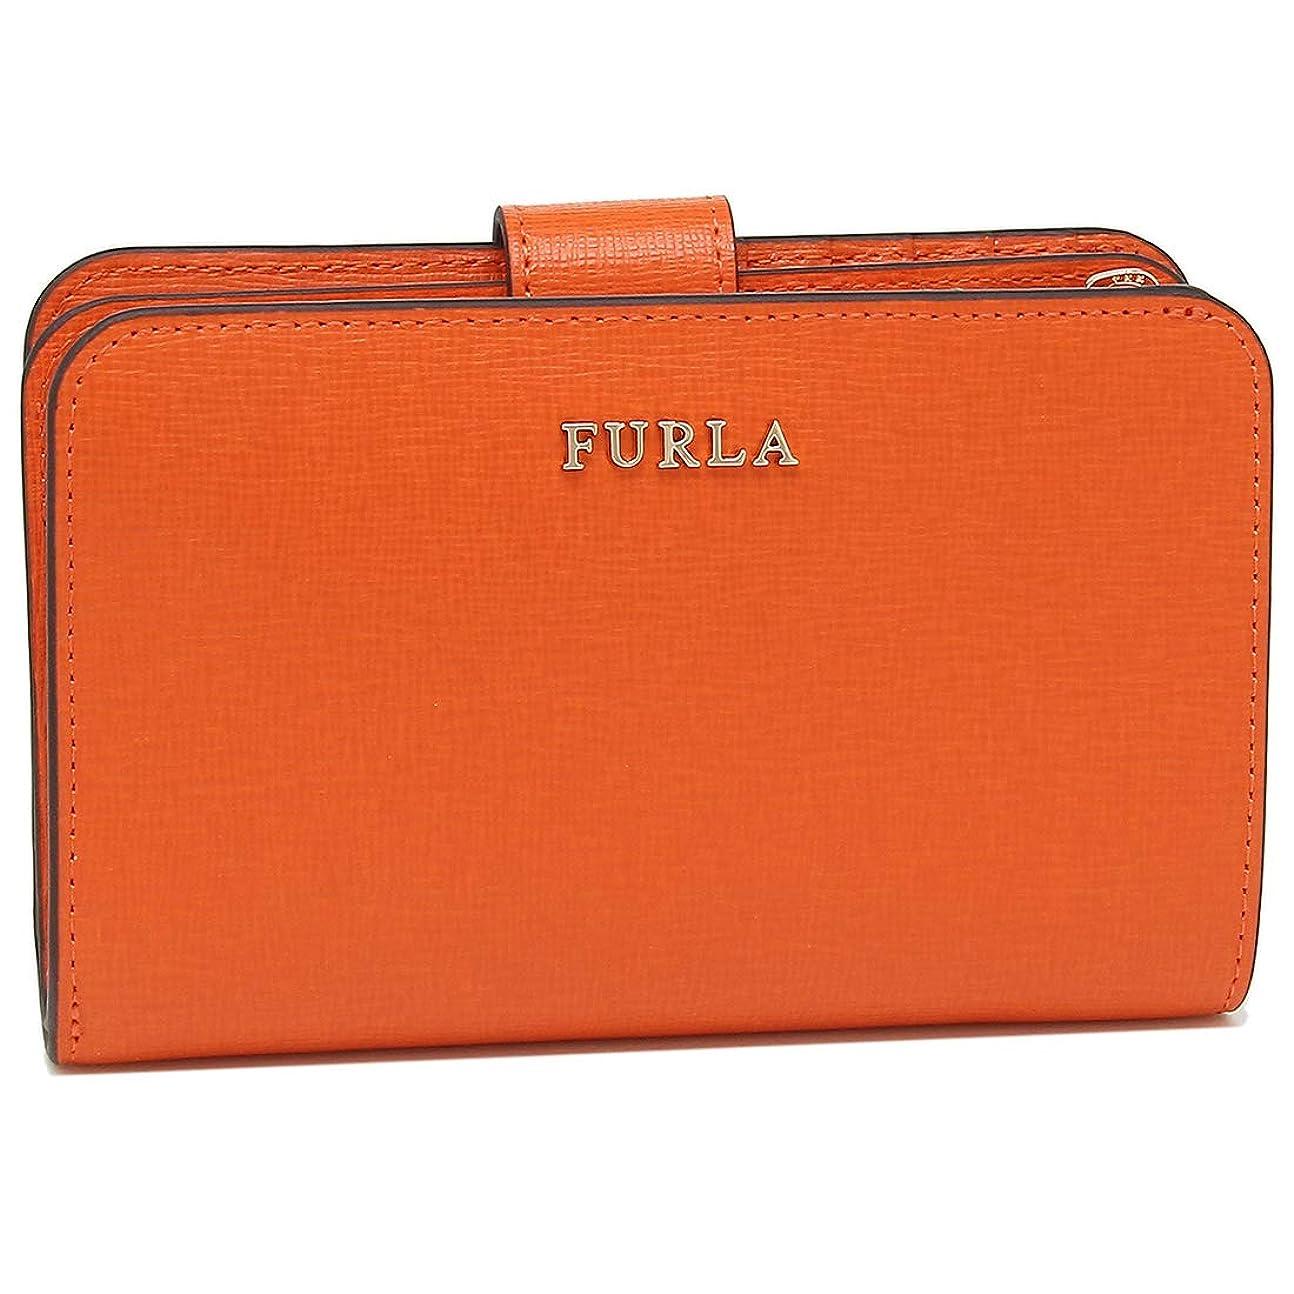 学習ガイドスクランブル[フルラ]折財布 レディース FURLA 1006815 PR85 B30 LS4 オレンジ [並行輸入品]